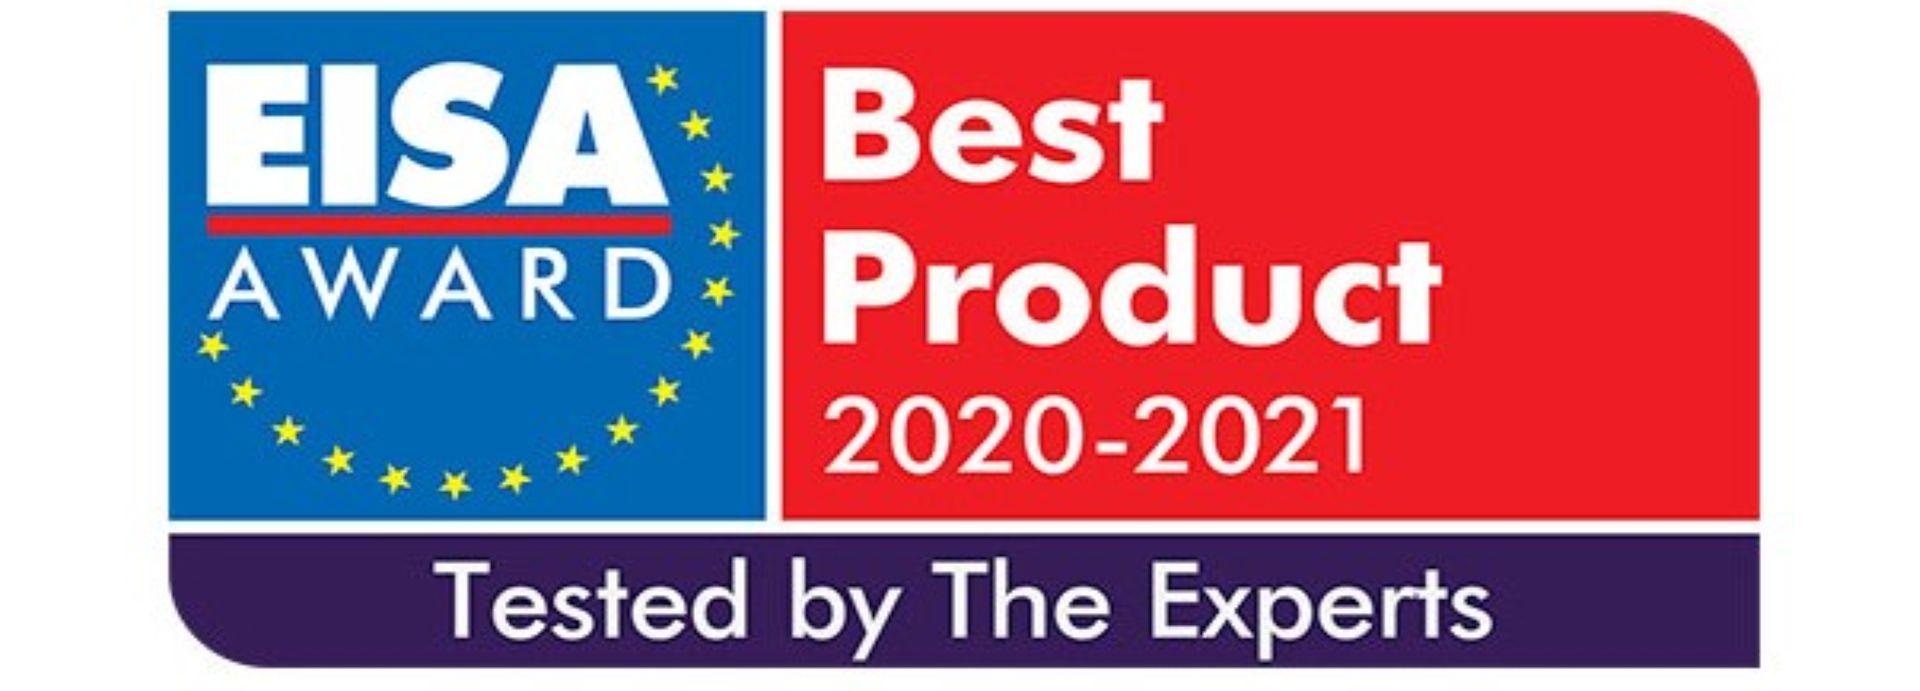 Logo gnral - EISA Awards 2020-2021